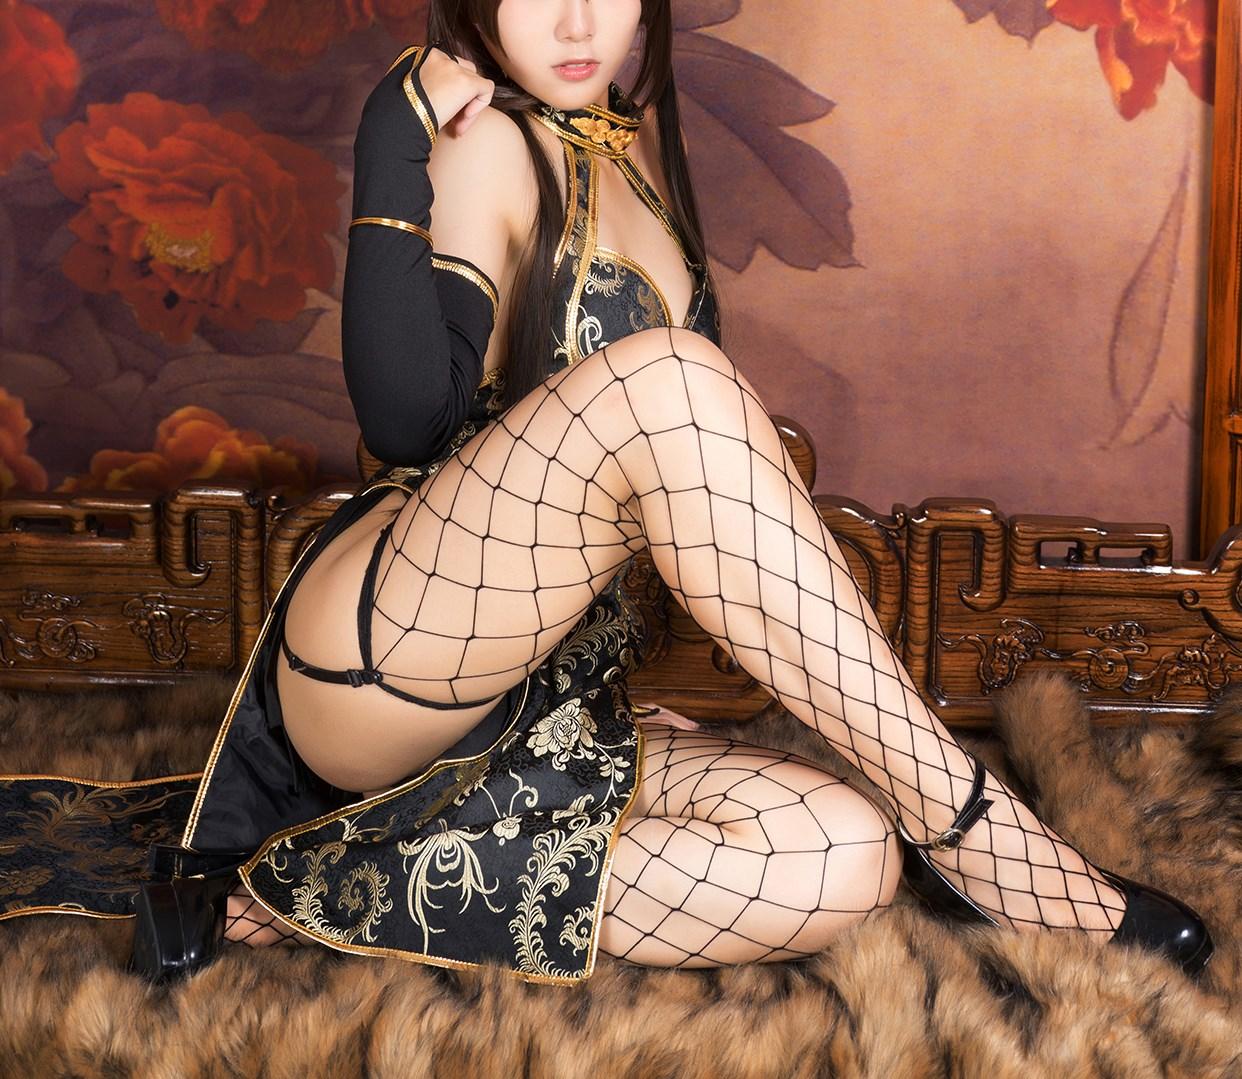 【兔玩映画】旗袍果腿和网袜 兔玩映画 第30张